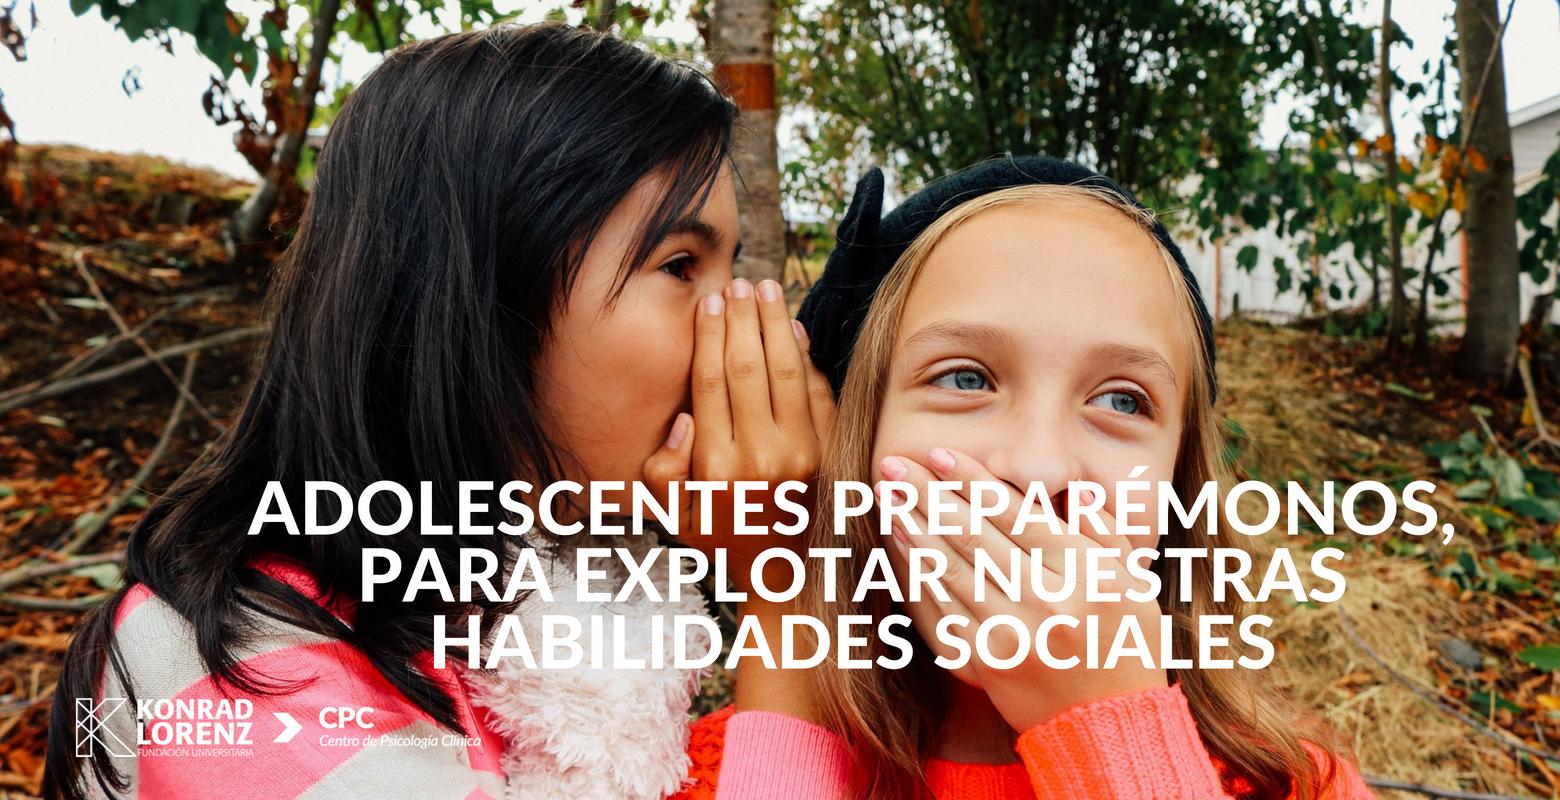 Adolescentes PREPARÉMONOS, para EXPLOTAR nuestras habilidades sociales